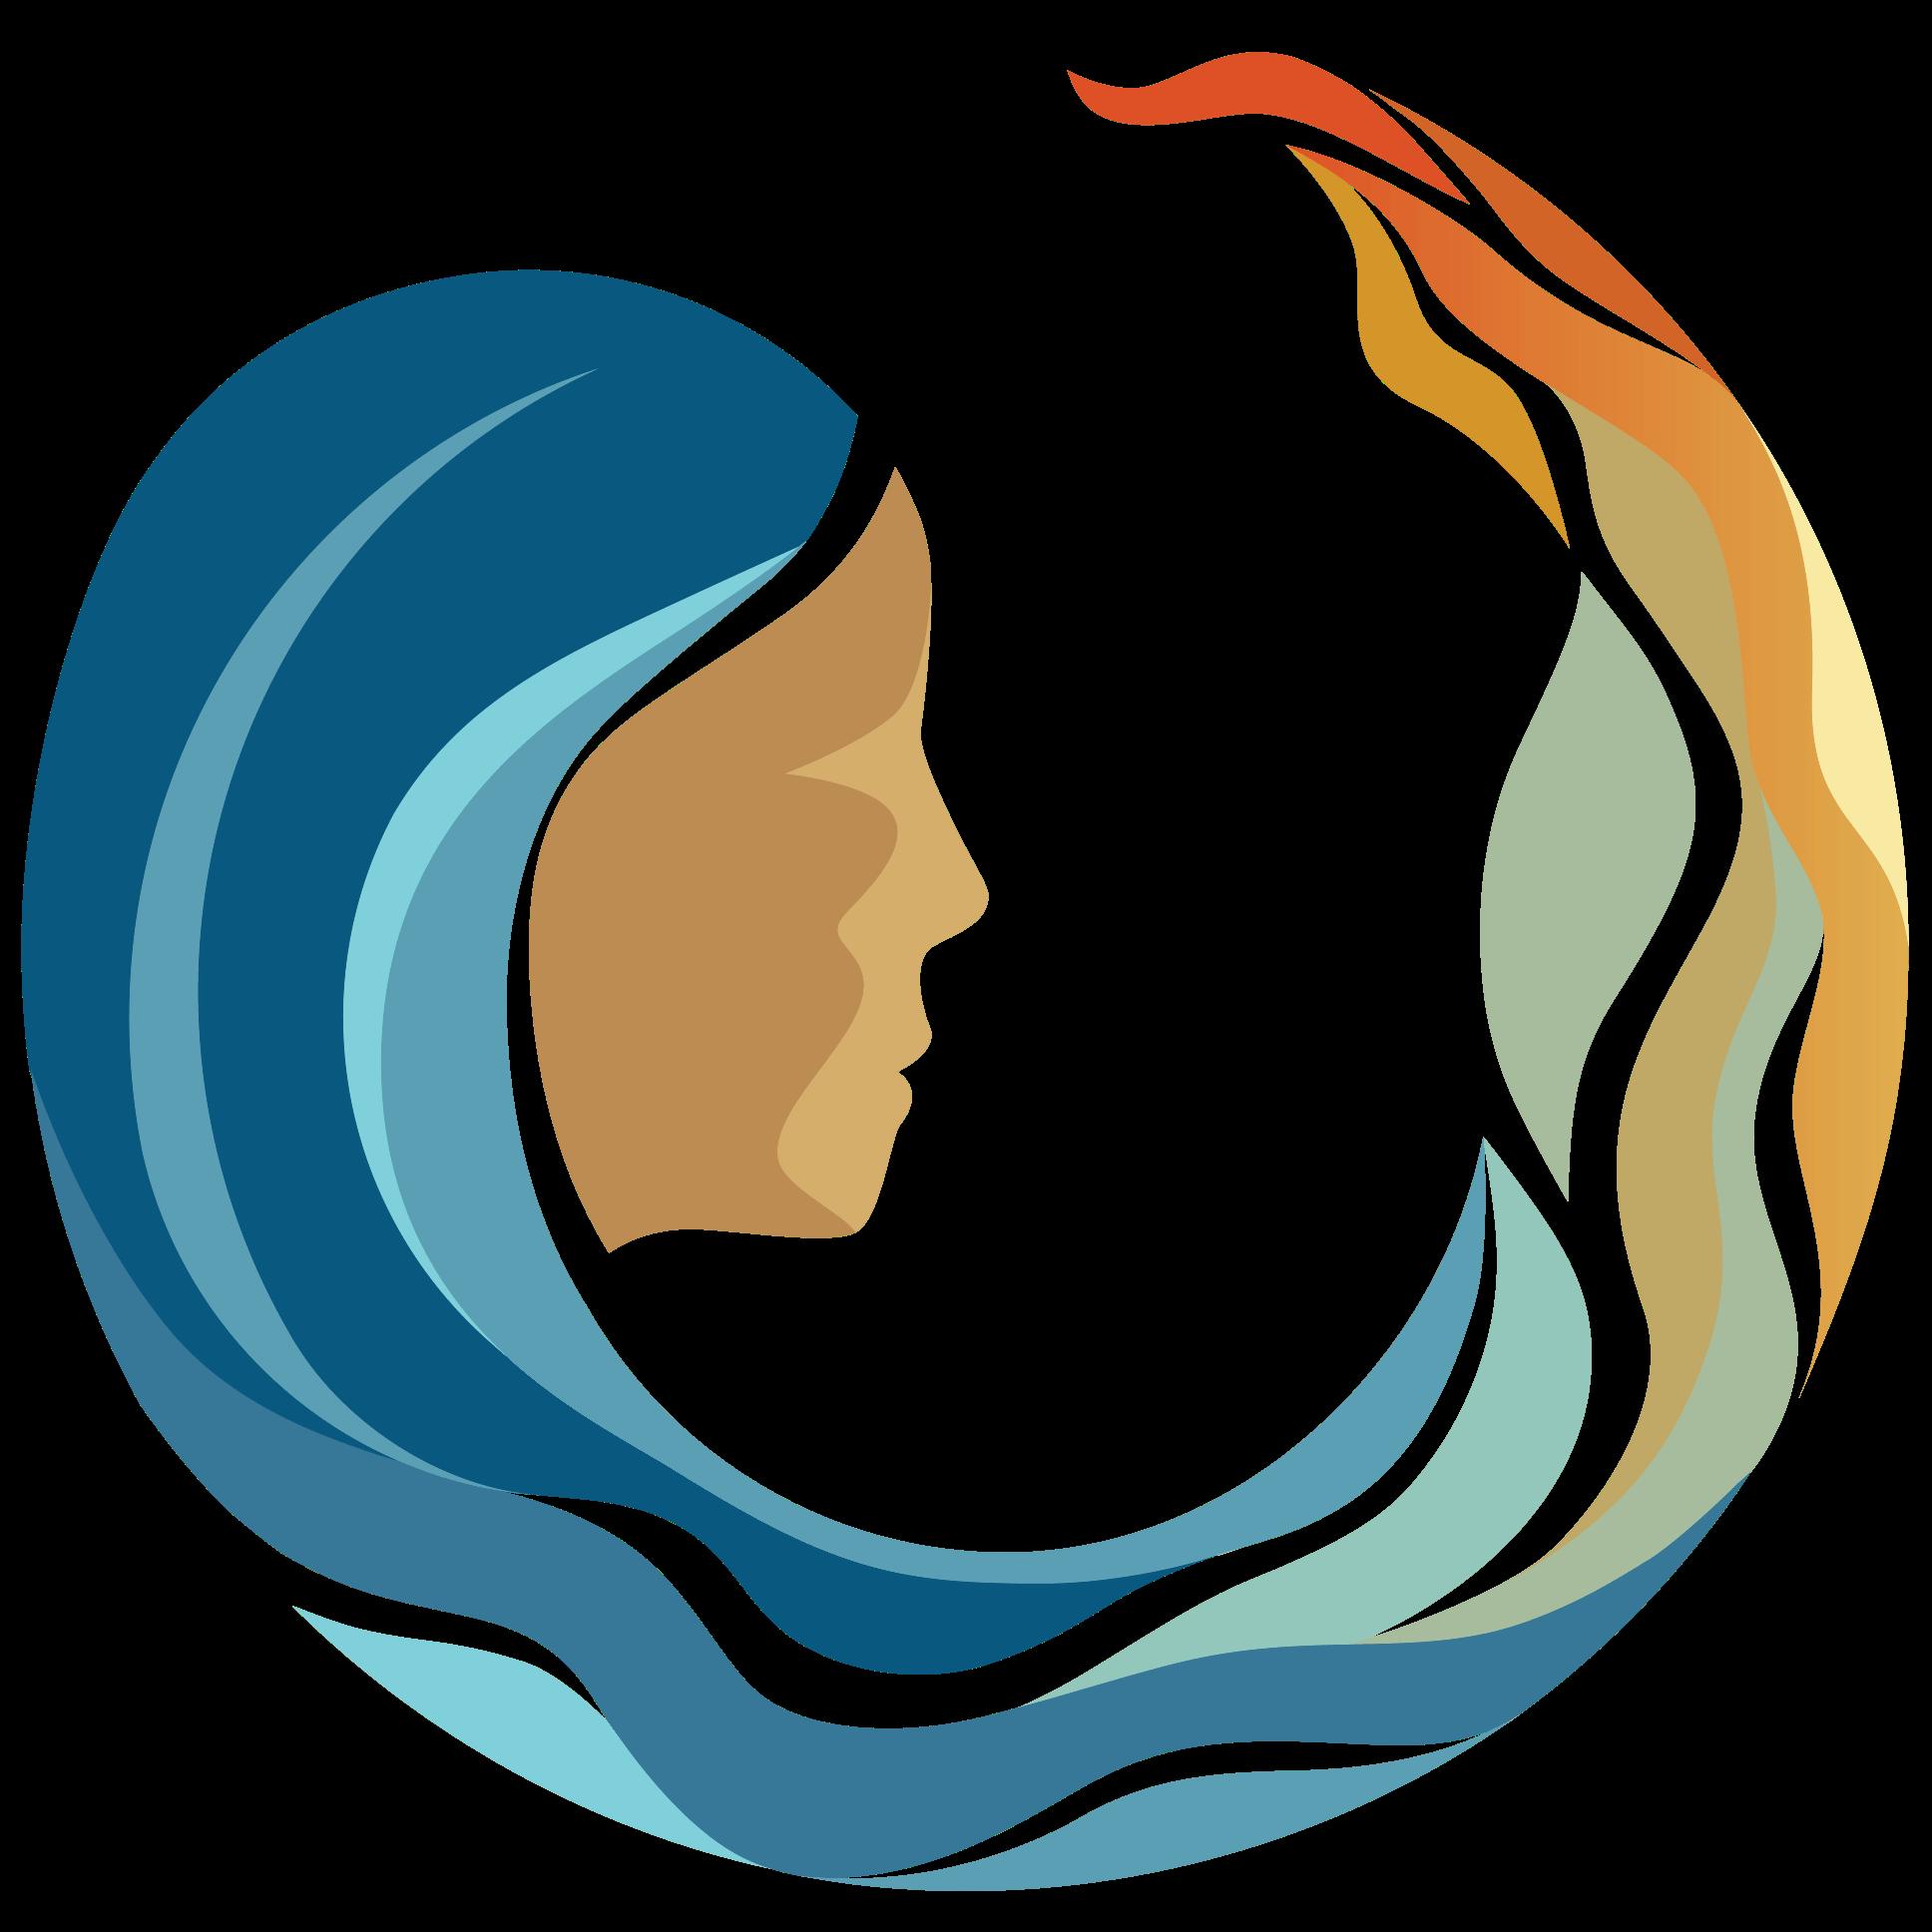 NWAC logo